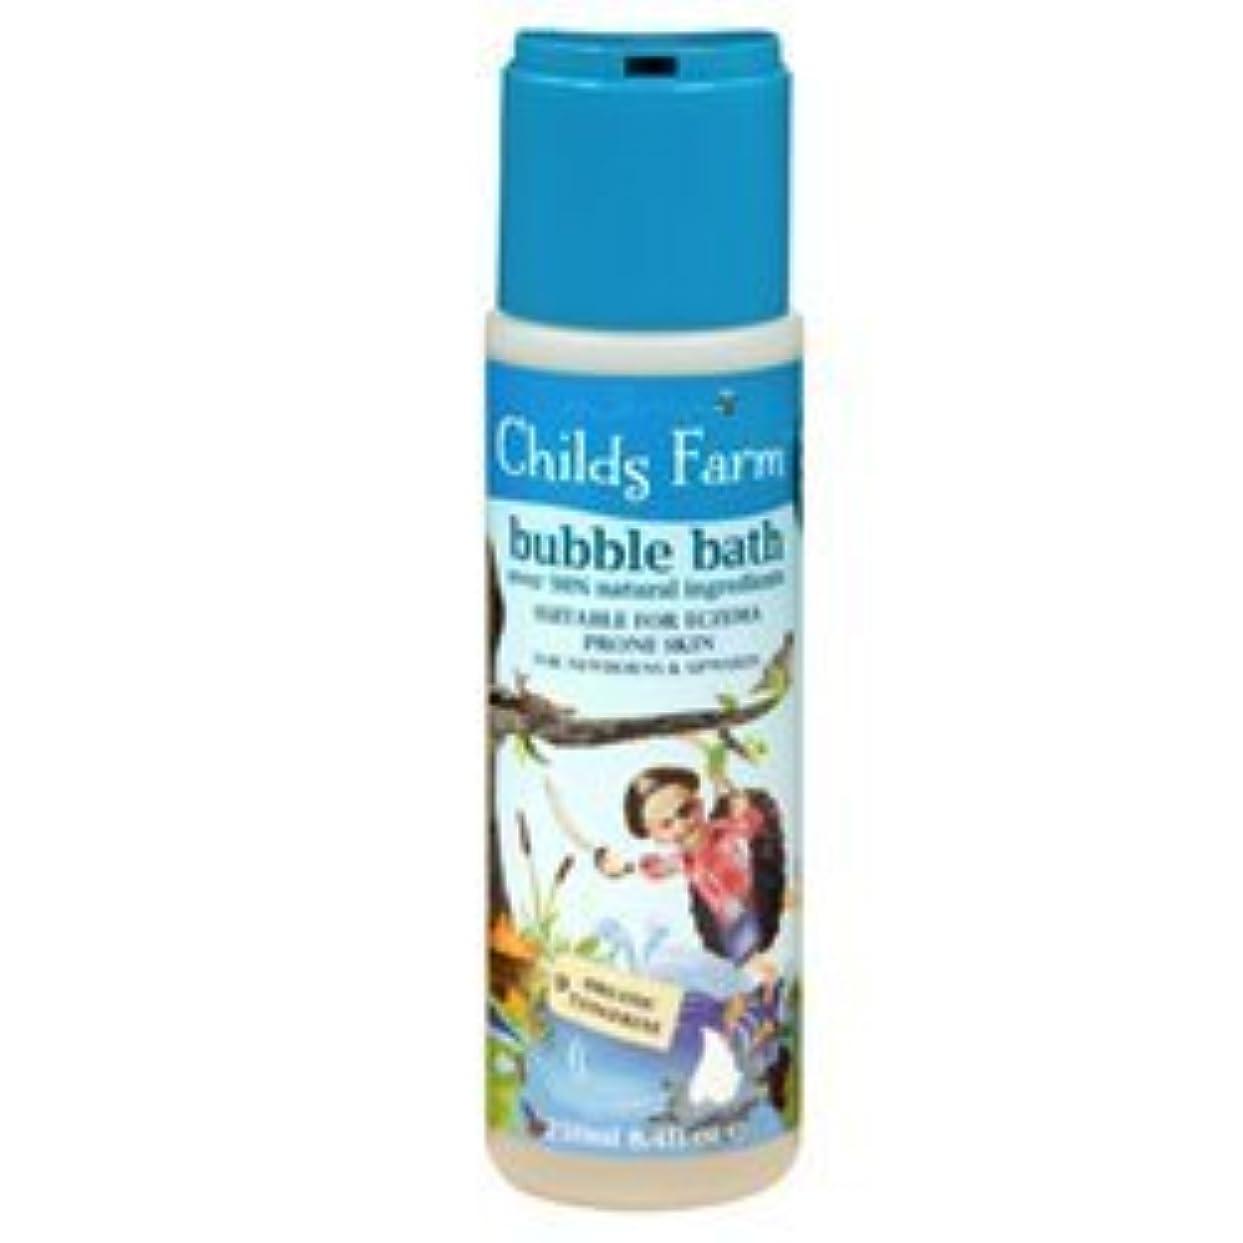 品揃え全能大宇宙Childs Farm Bubble bath for Buccaneers 250ml x 1 by Childs Farm